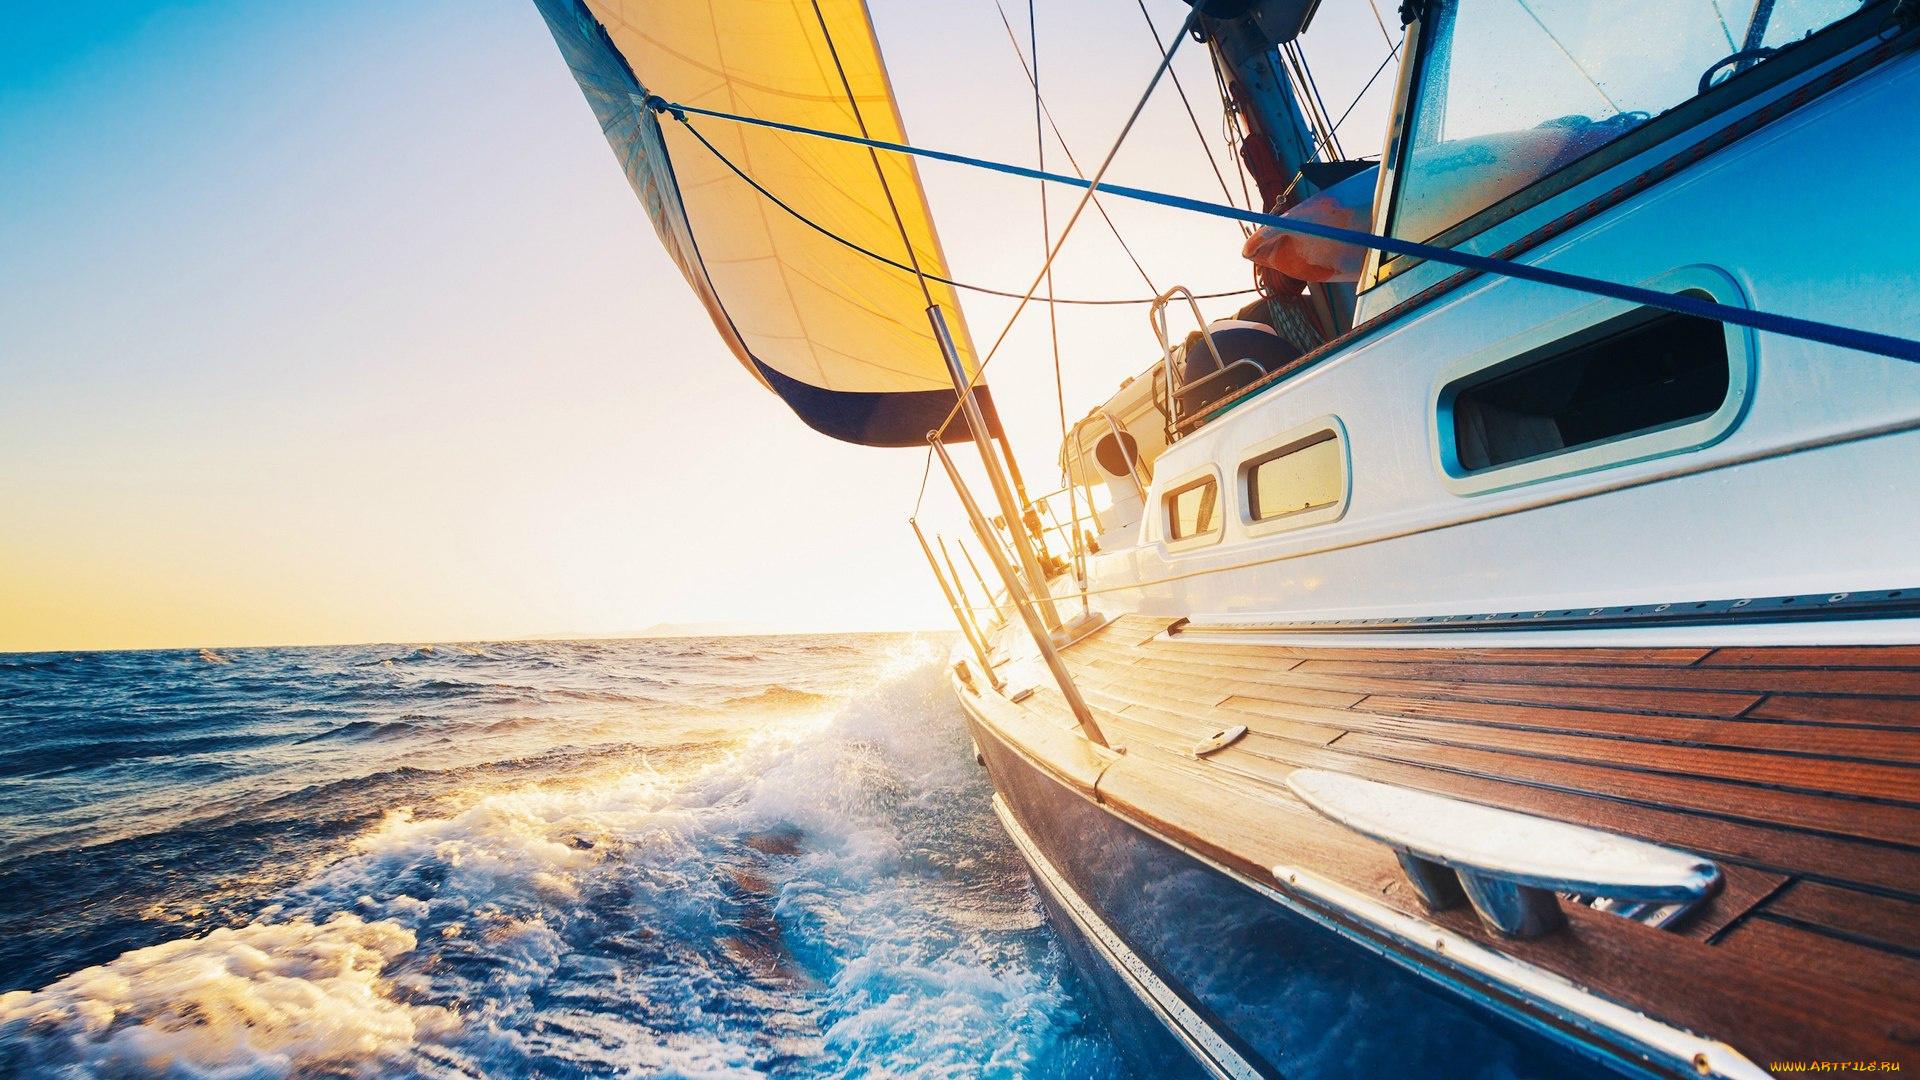 Днем, картинки яхты парусники